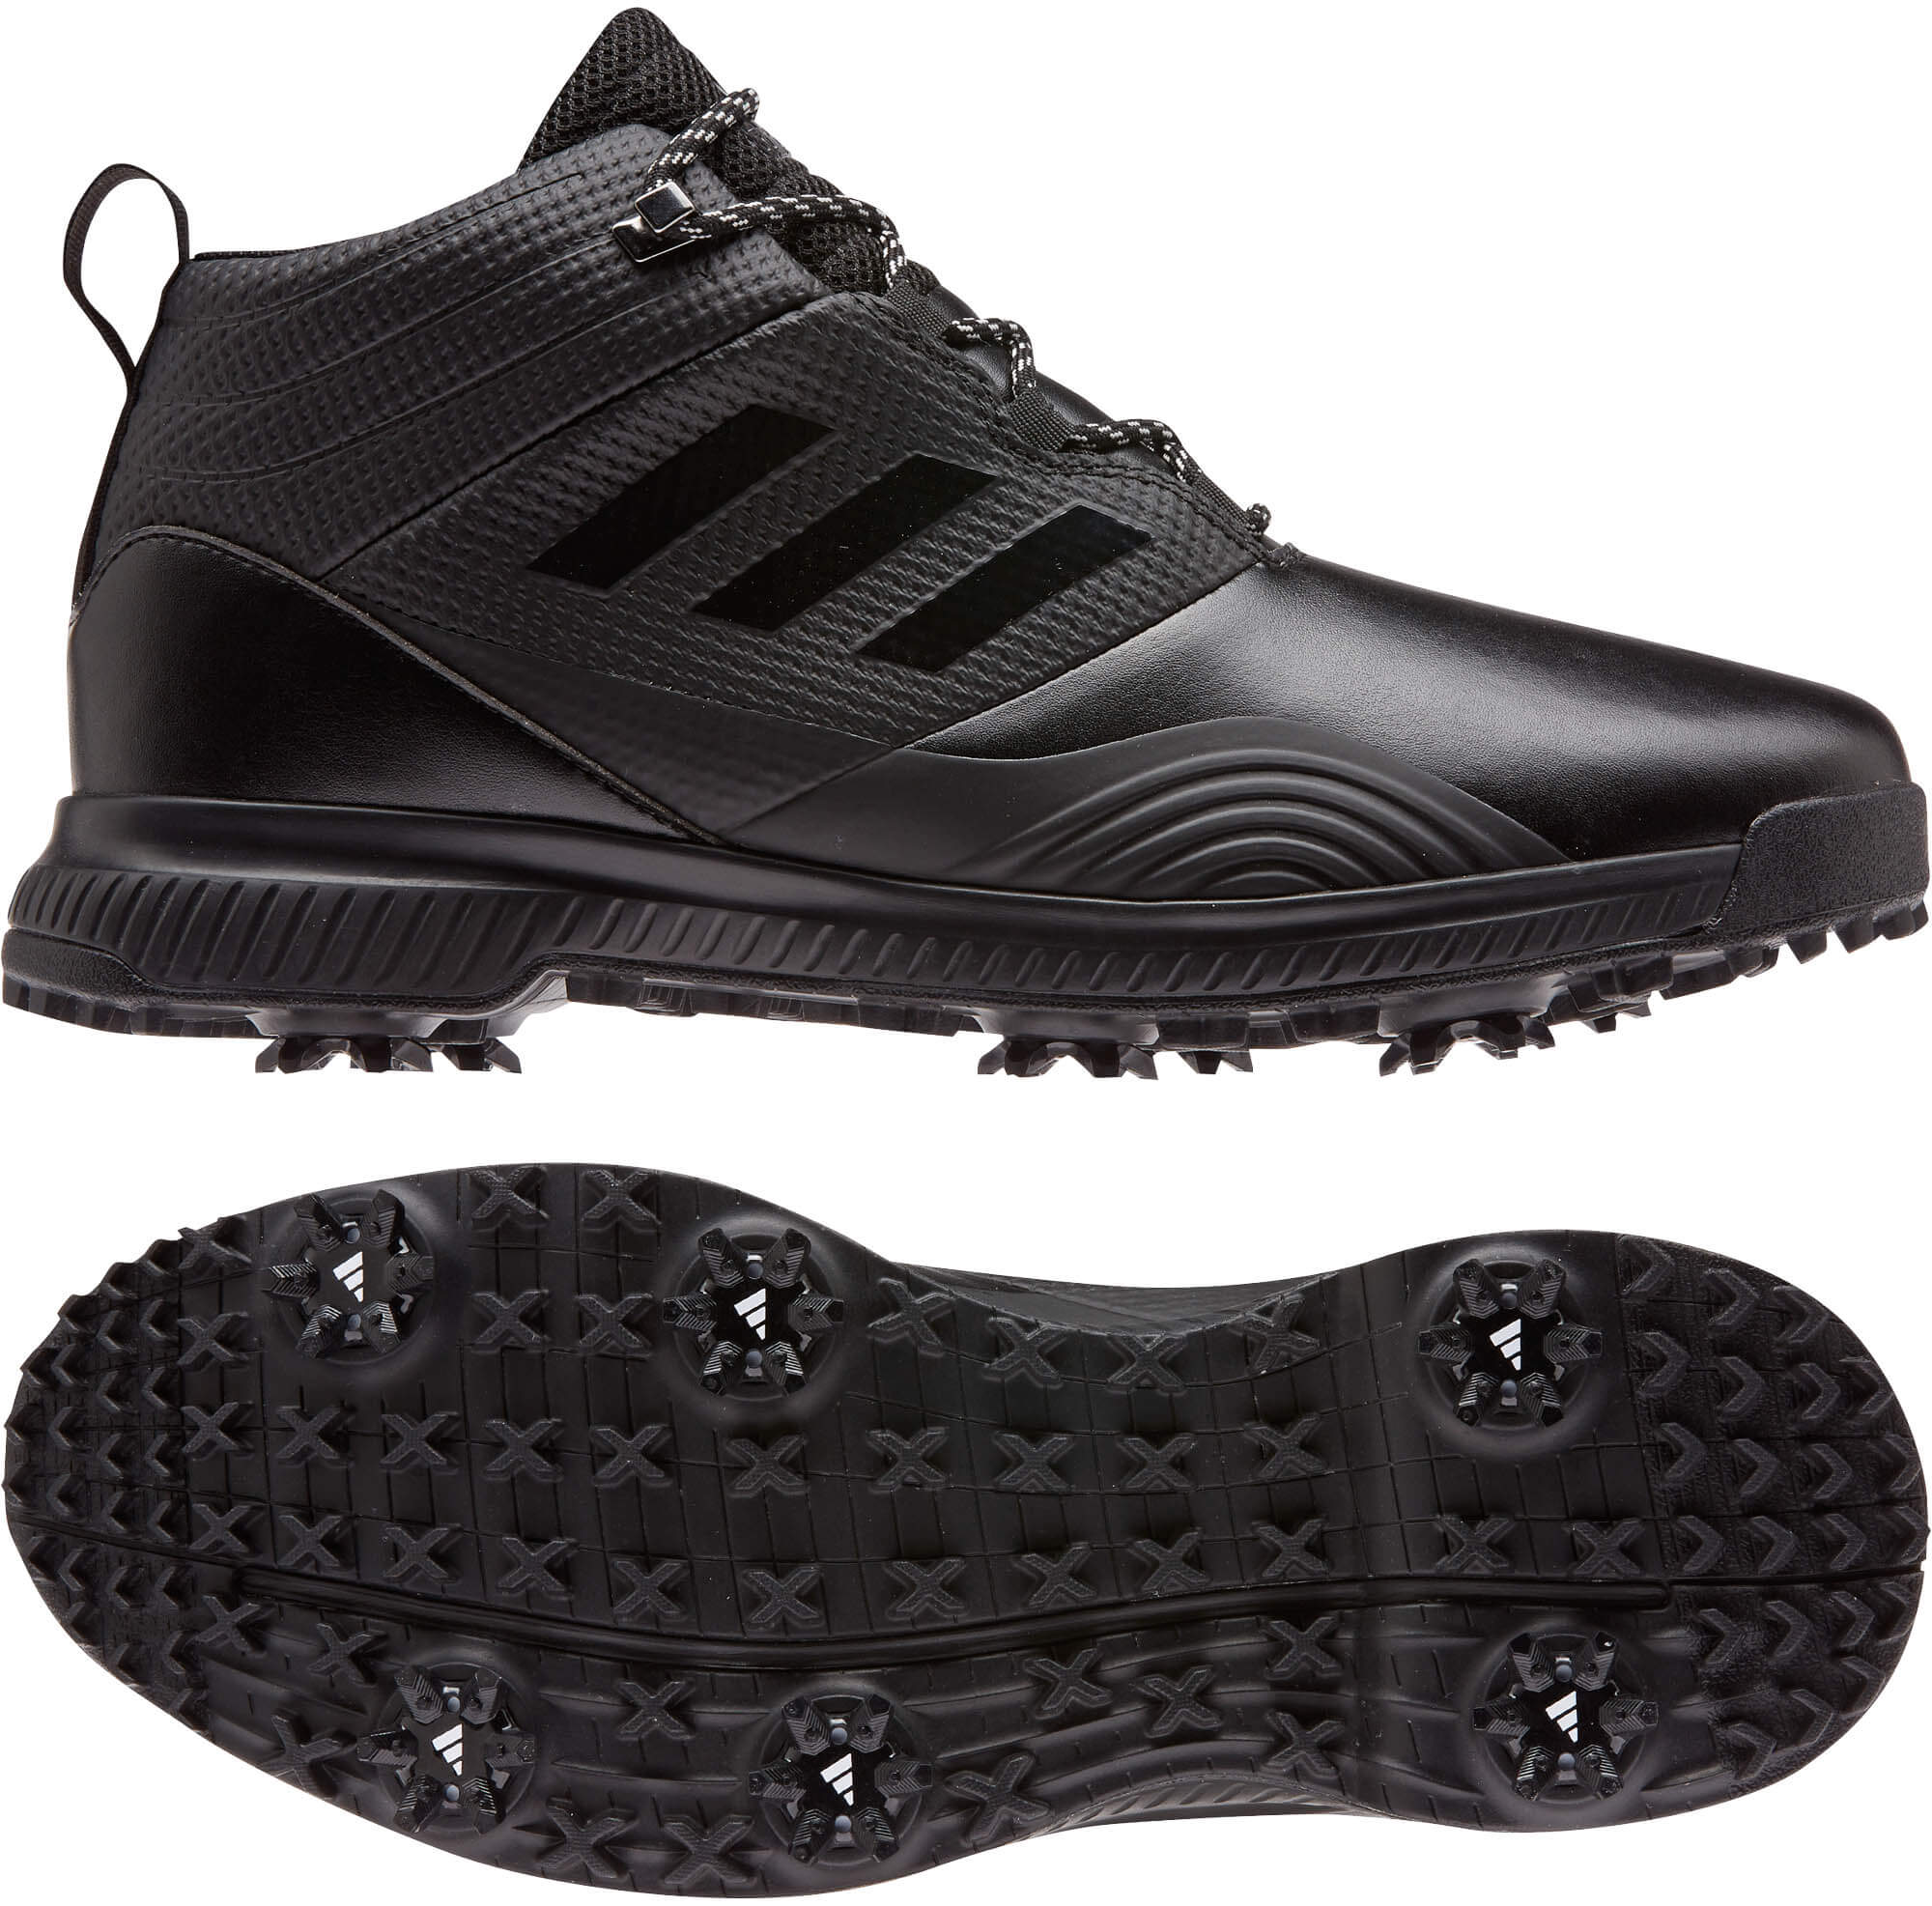 adidas CP Traxion Mid, black